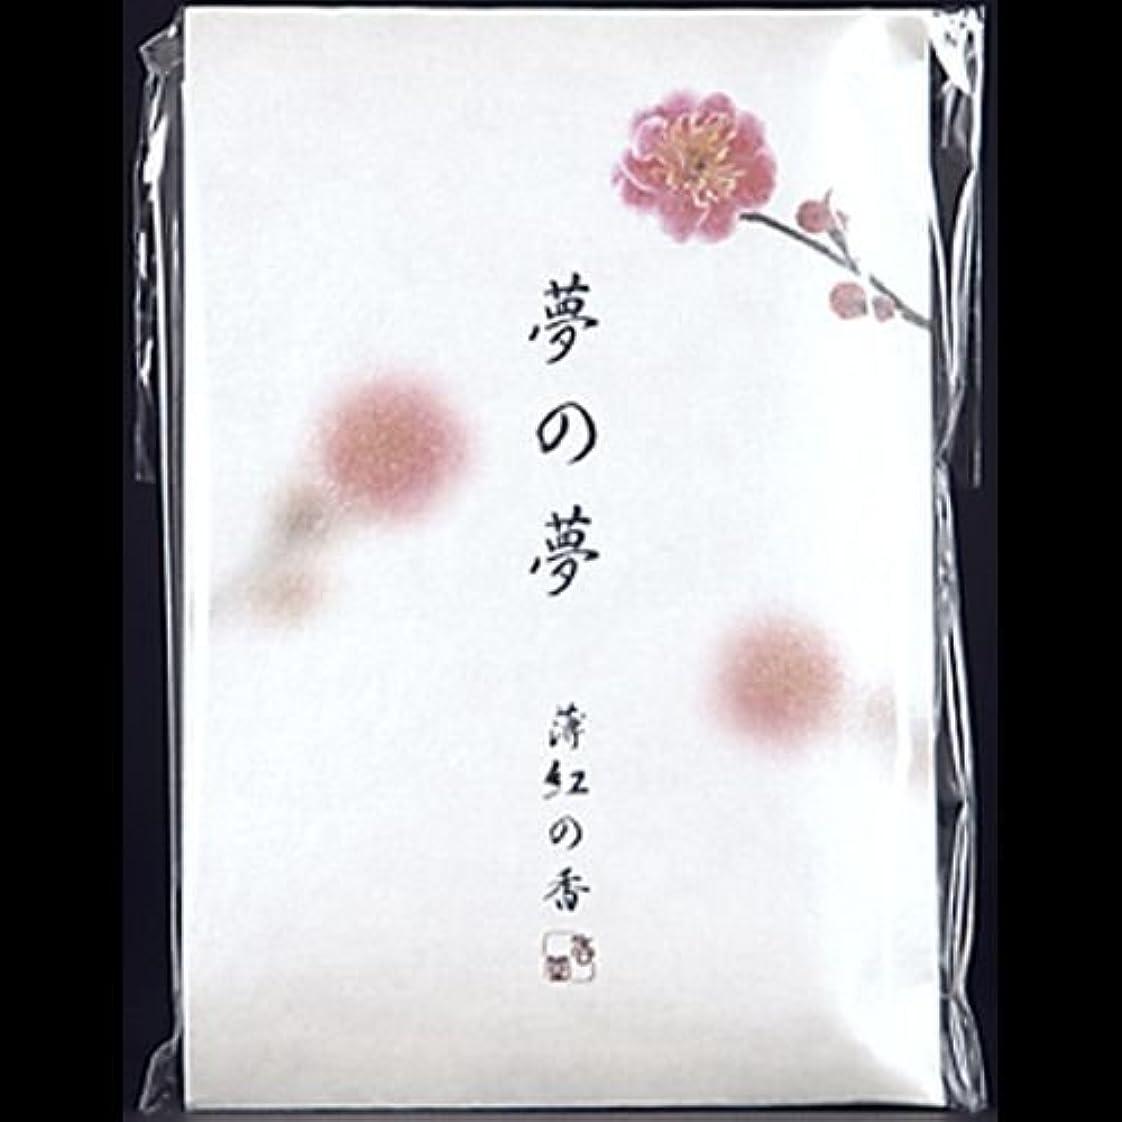 掻くチートスポークスマン【まとめ買い】夢の夢 薄紅の香 (梅) スティック12本入 ×2セット